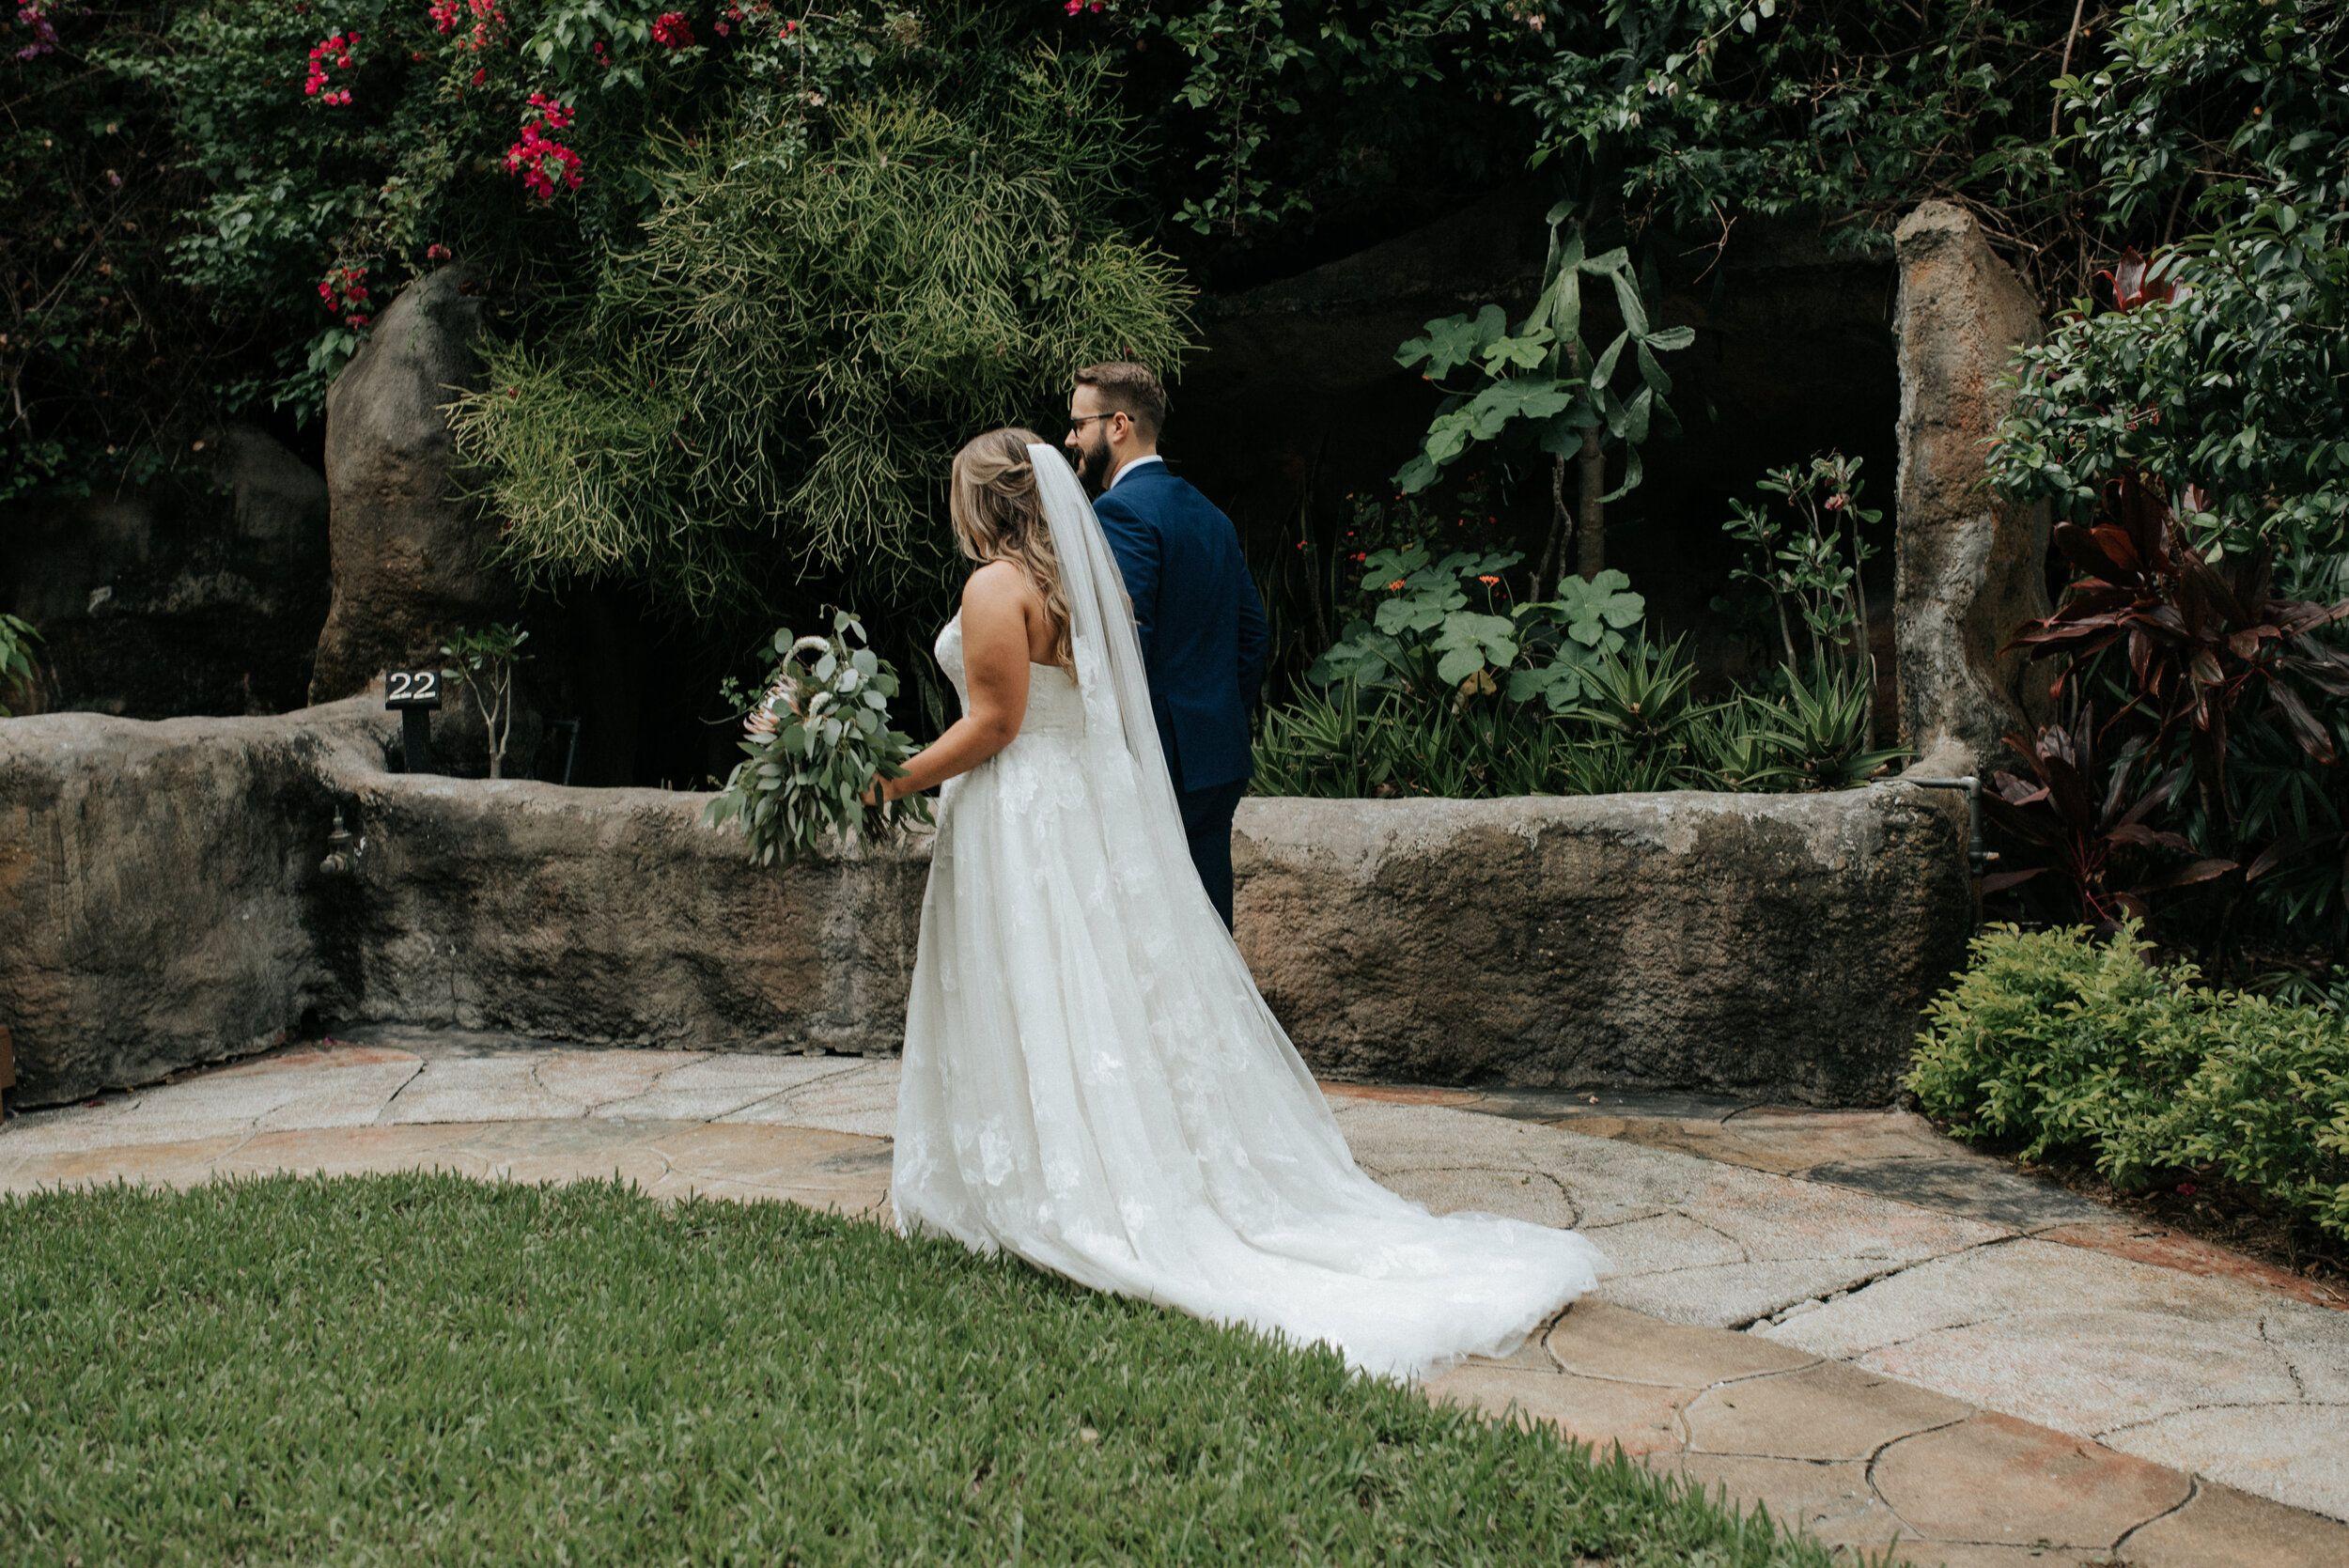 Summer Wedding At Sunken Gardens Florida wedding